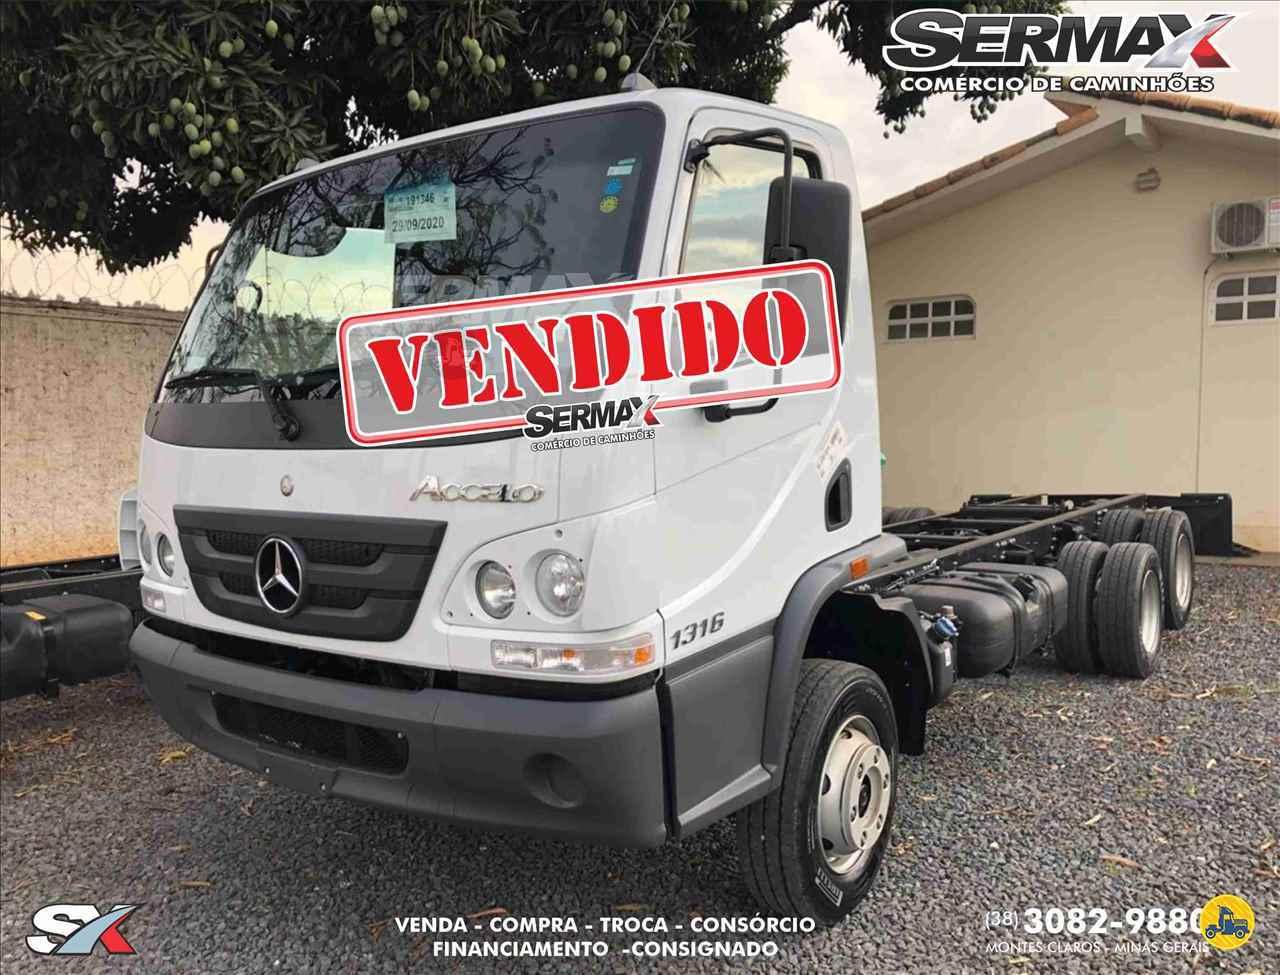 CAMINHAO MERCEDES-BENZ MB 1316 Chassis Truck 6x2 Sermax Caminhões MONTES CLAROS MINAS GERAIS MG